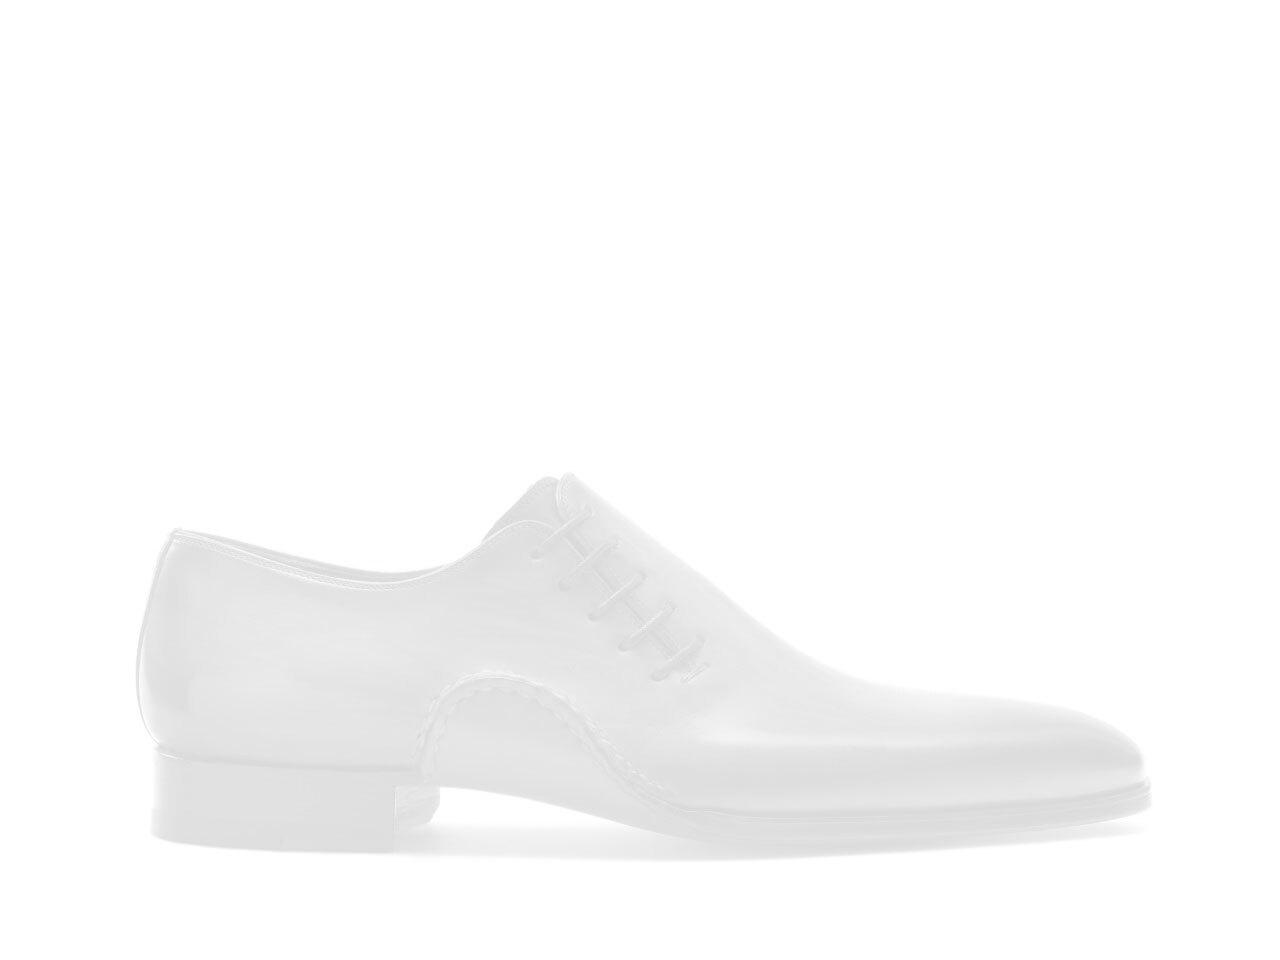 The Magnanni No-Show Sock Box | V1